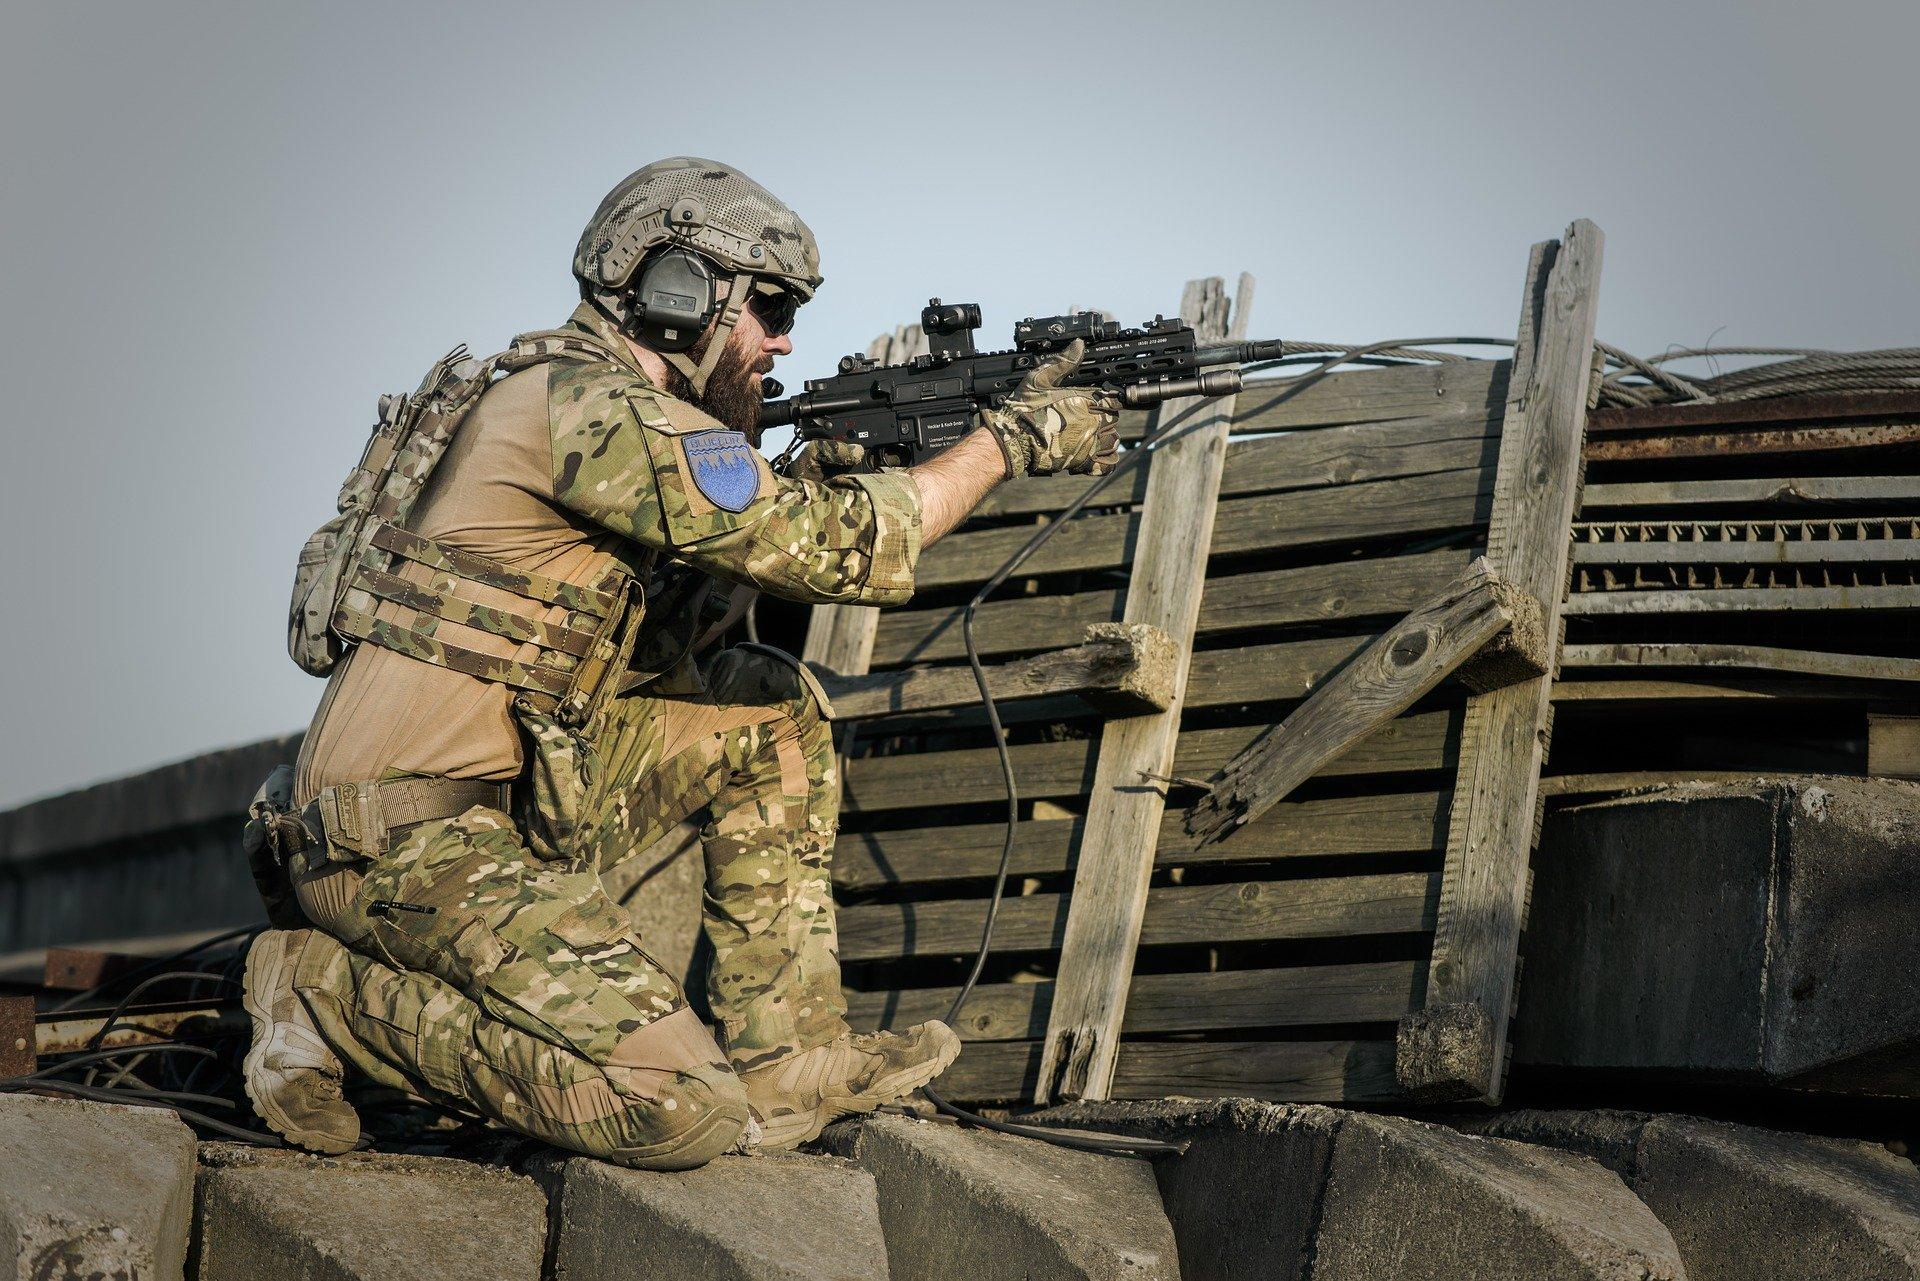 angriff_krieg_irak_iran_bagdad_usa_soldaten_soldat